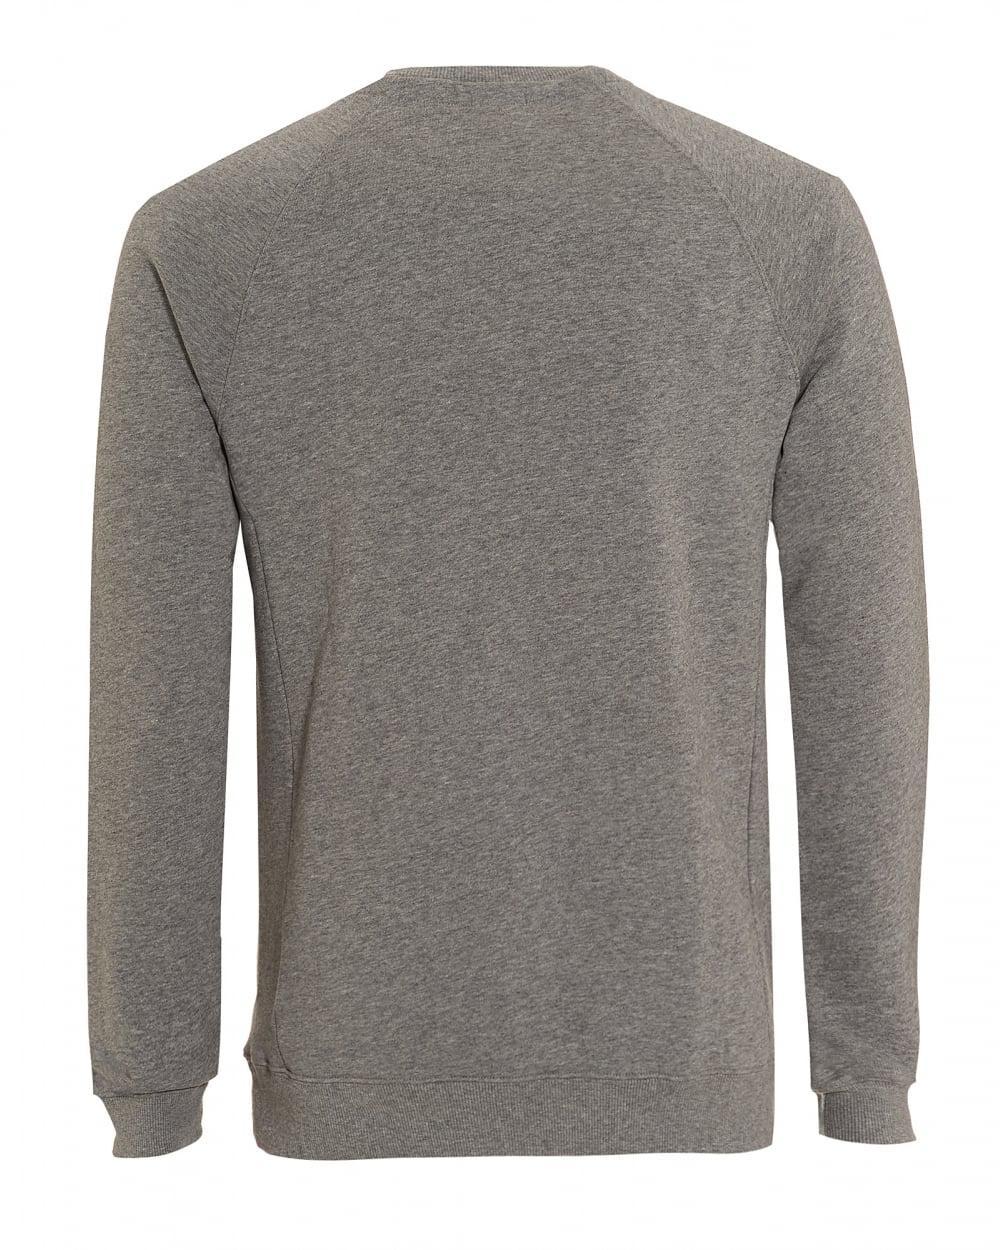 8e26375bb BOSS Wheel Sweat, Plain Patch Logo Grey Sweatshirt in Gray for Men - Lyst